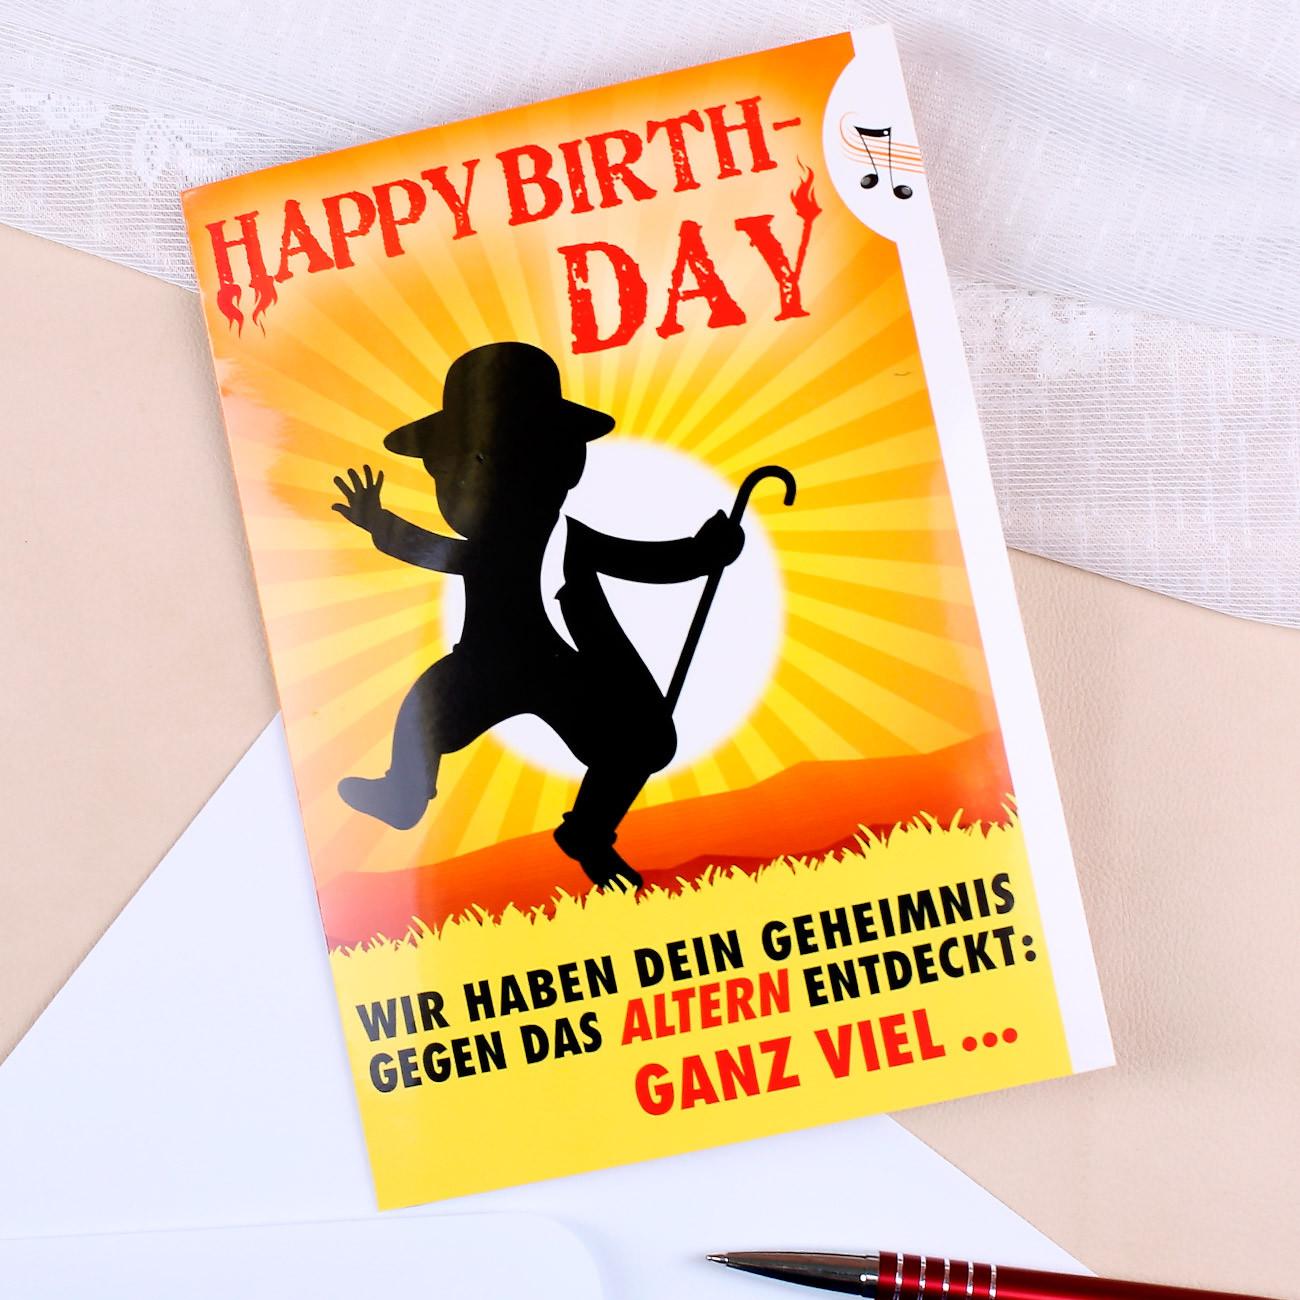 Lustige Geschenke Für Männer  Lustige Geburtstagskarte fuer Maenner gegen das Altern